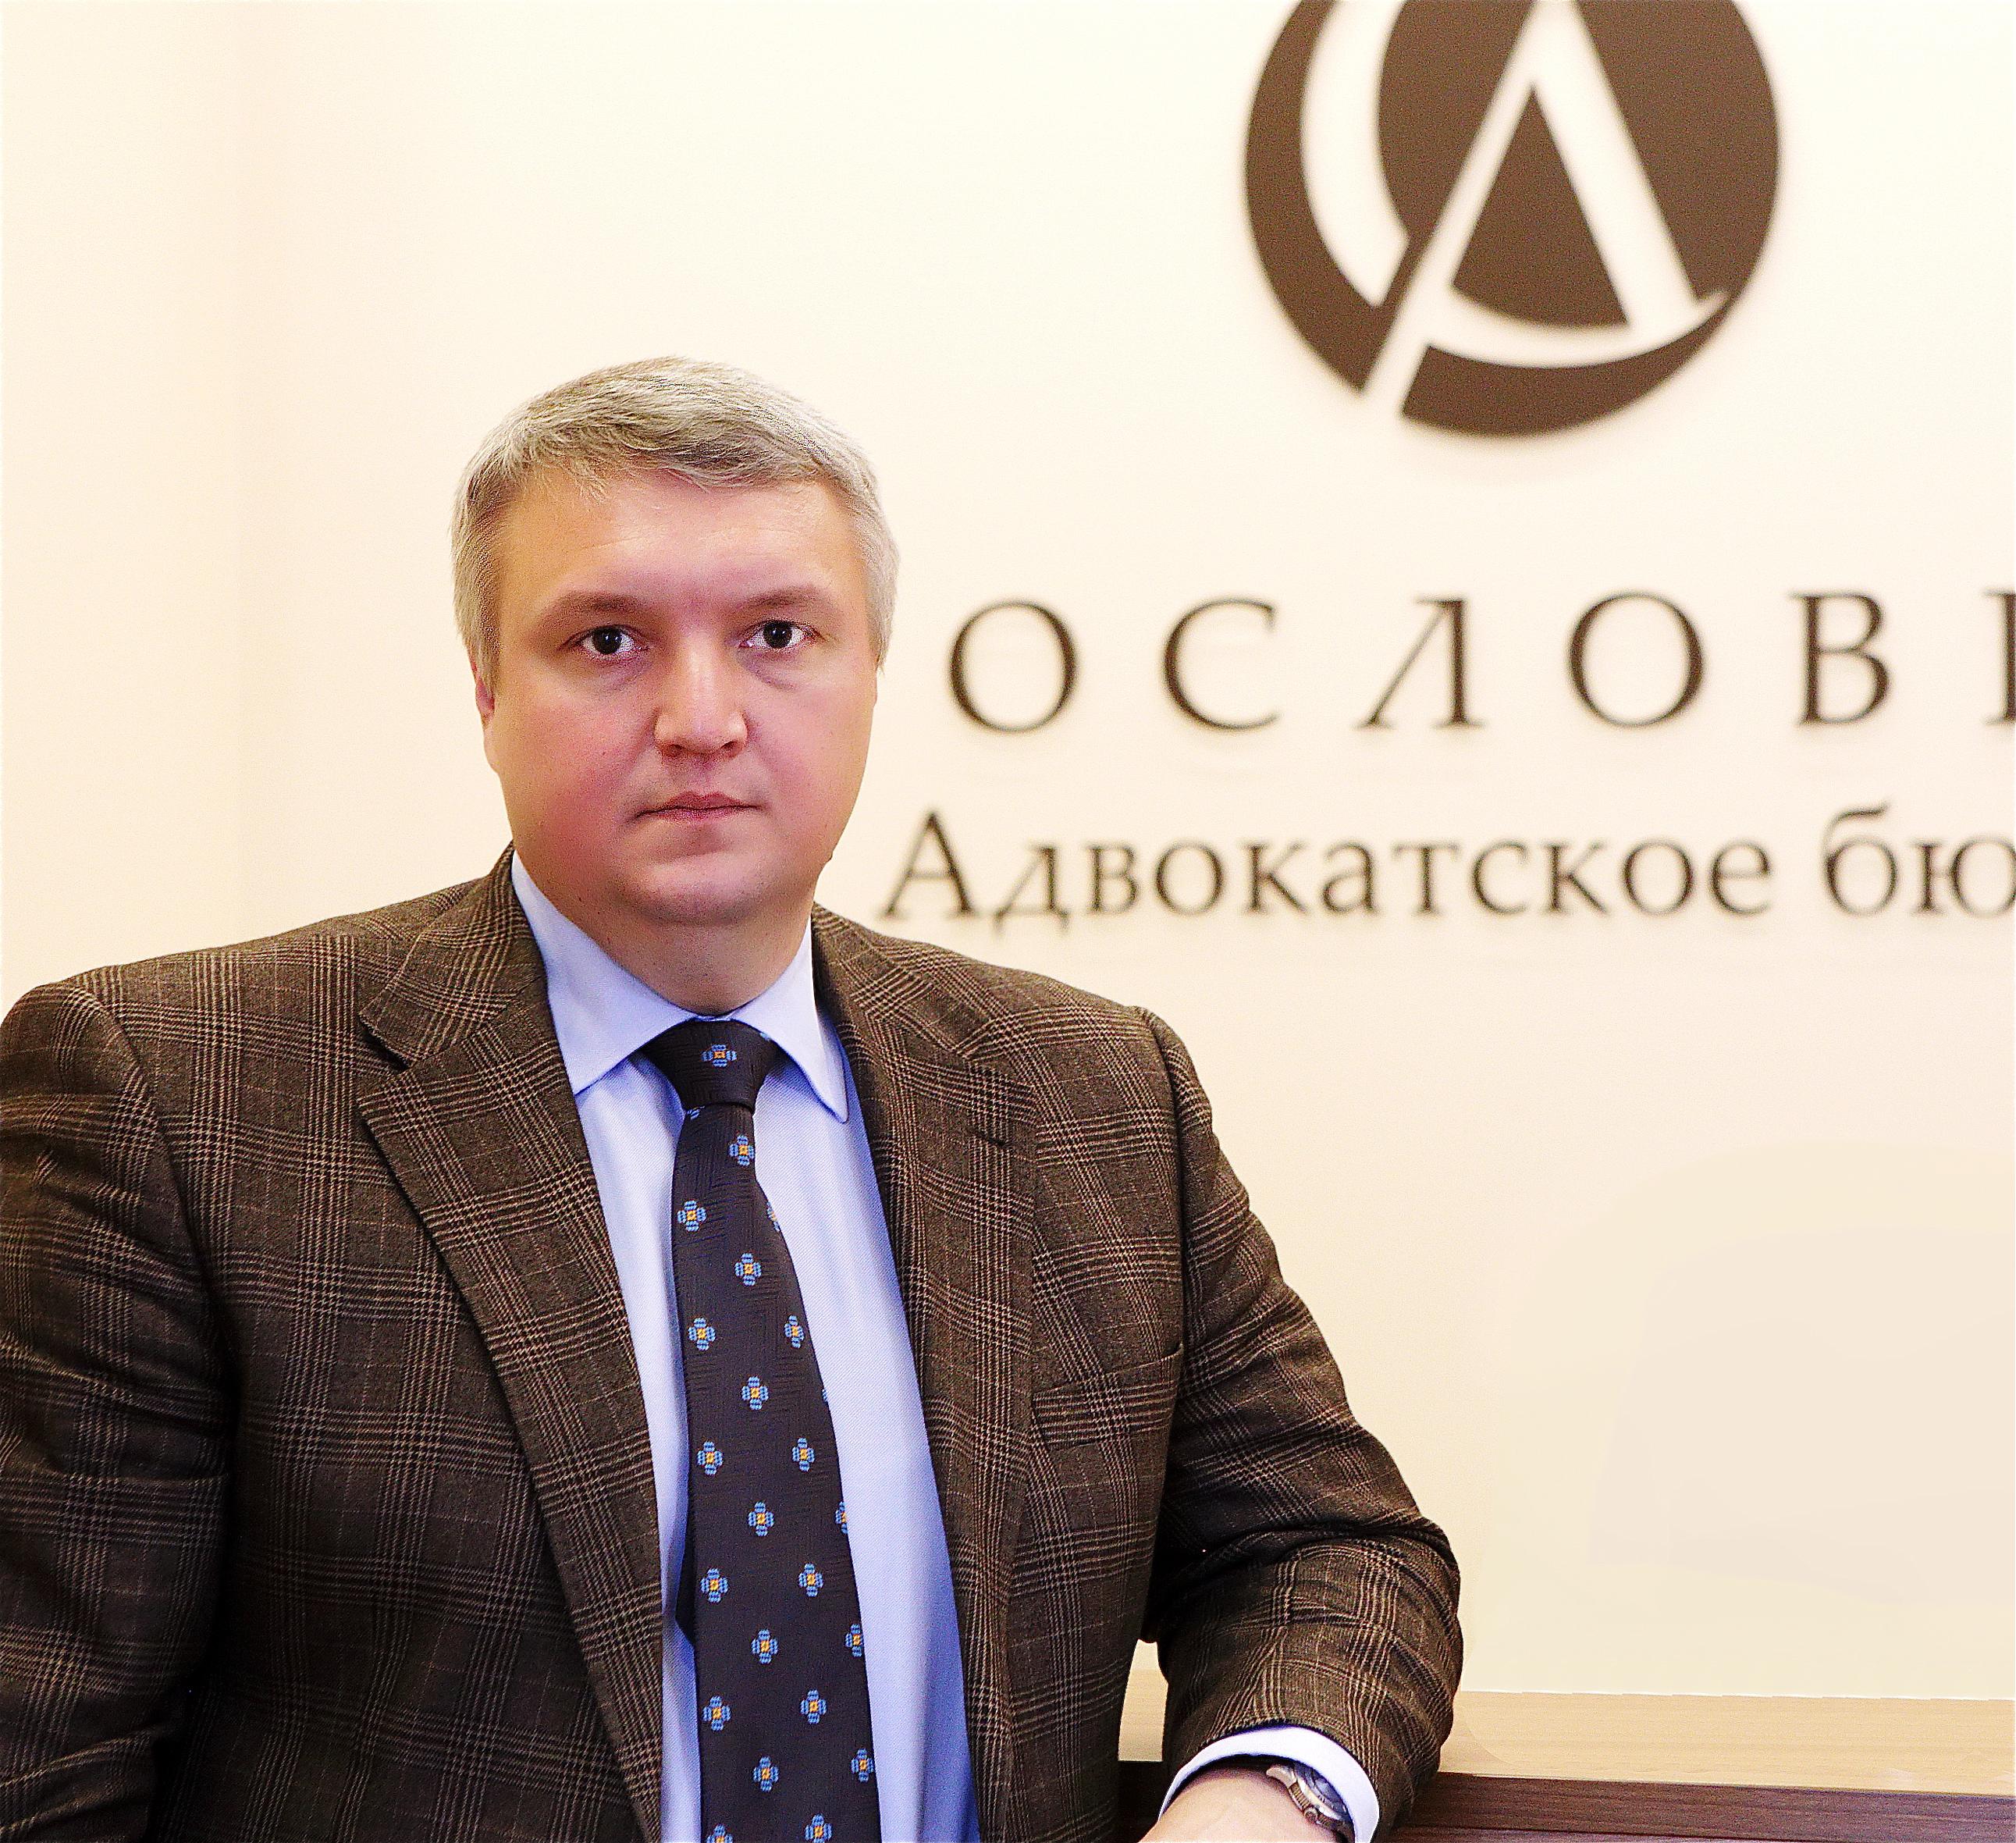 Шигин николай сергеевич адвокат - Главная